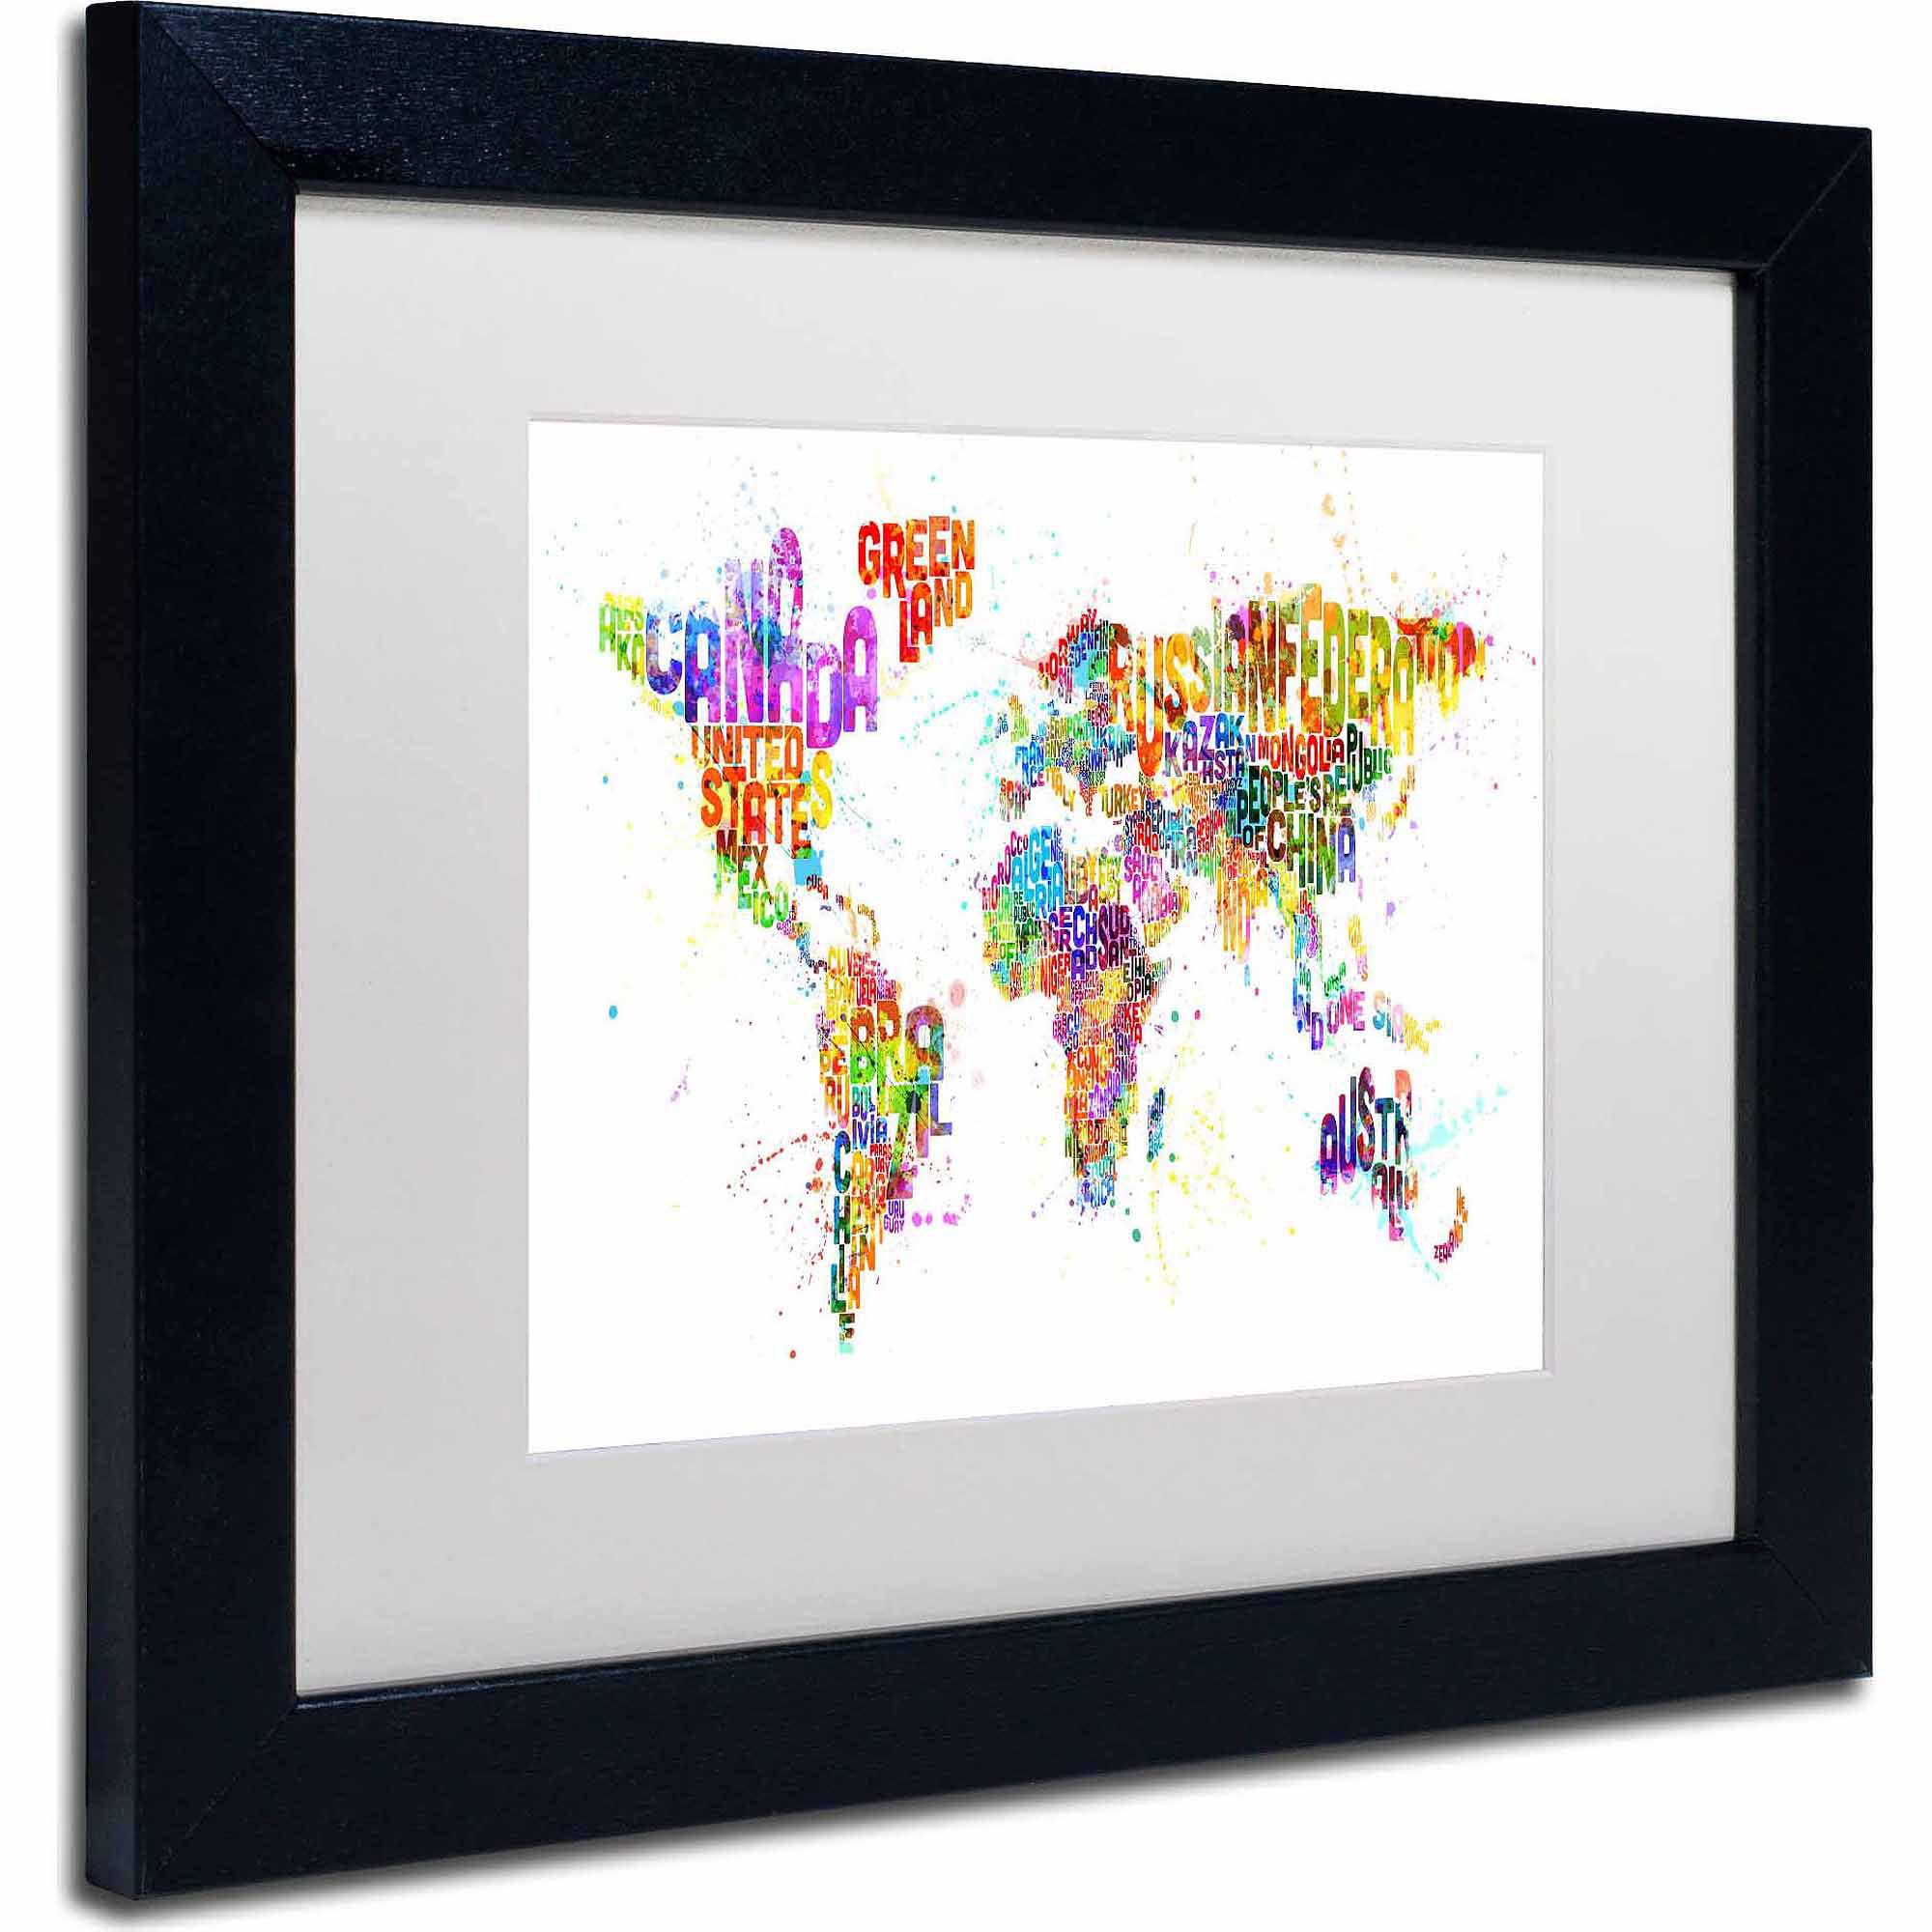 """Trademark Fine Art """"Paint Splashes Text Map of the World"""" Canvas Art by Michael Tompsett, White Matte, Black Frame"""